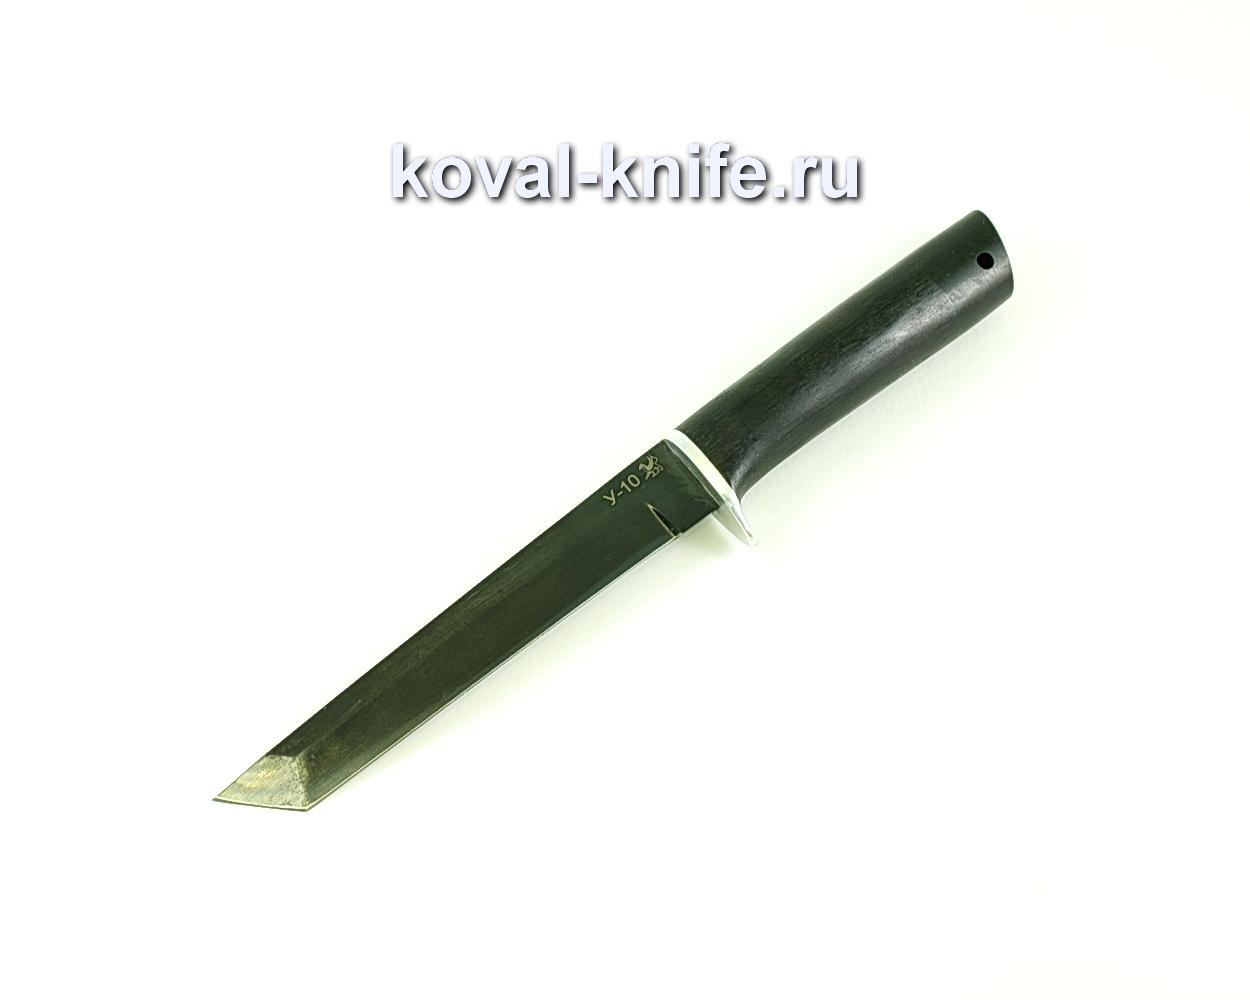 Нож Кобун (сталь У-10), рукоять граб A131